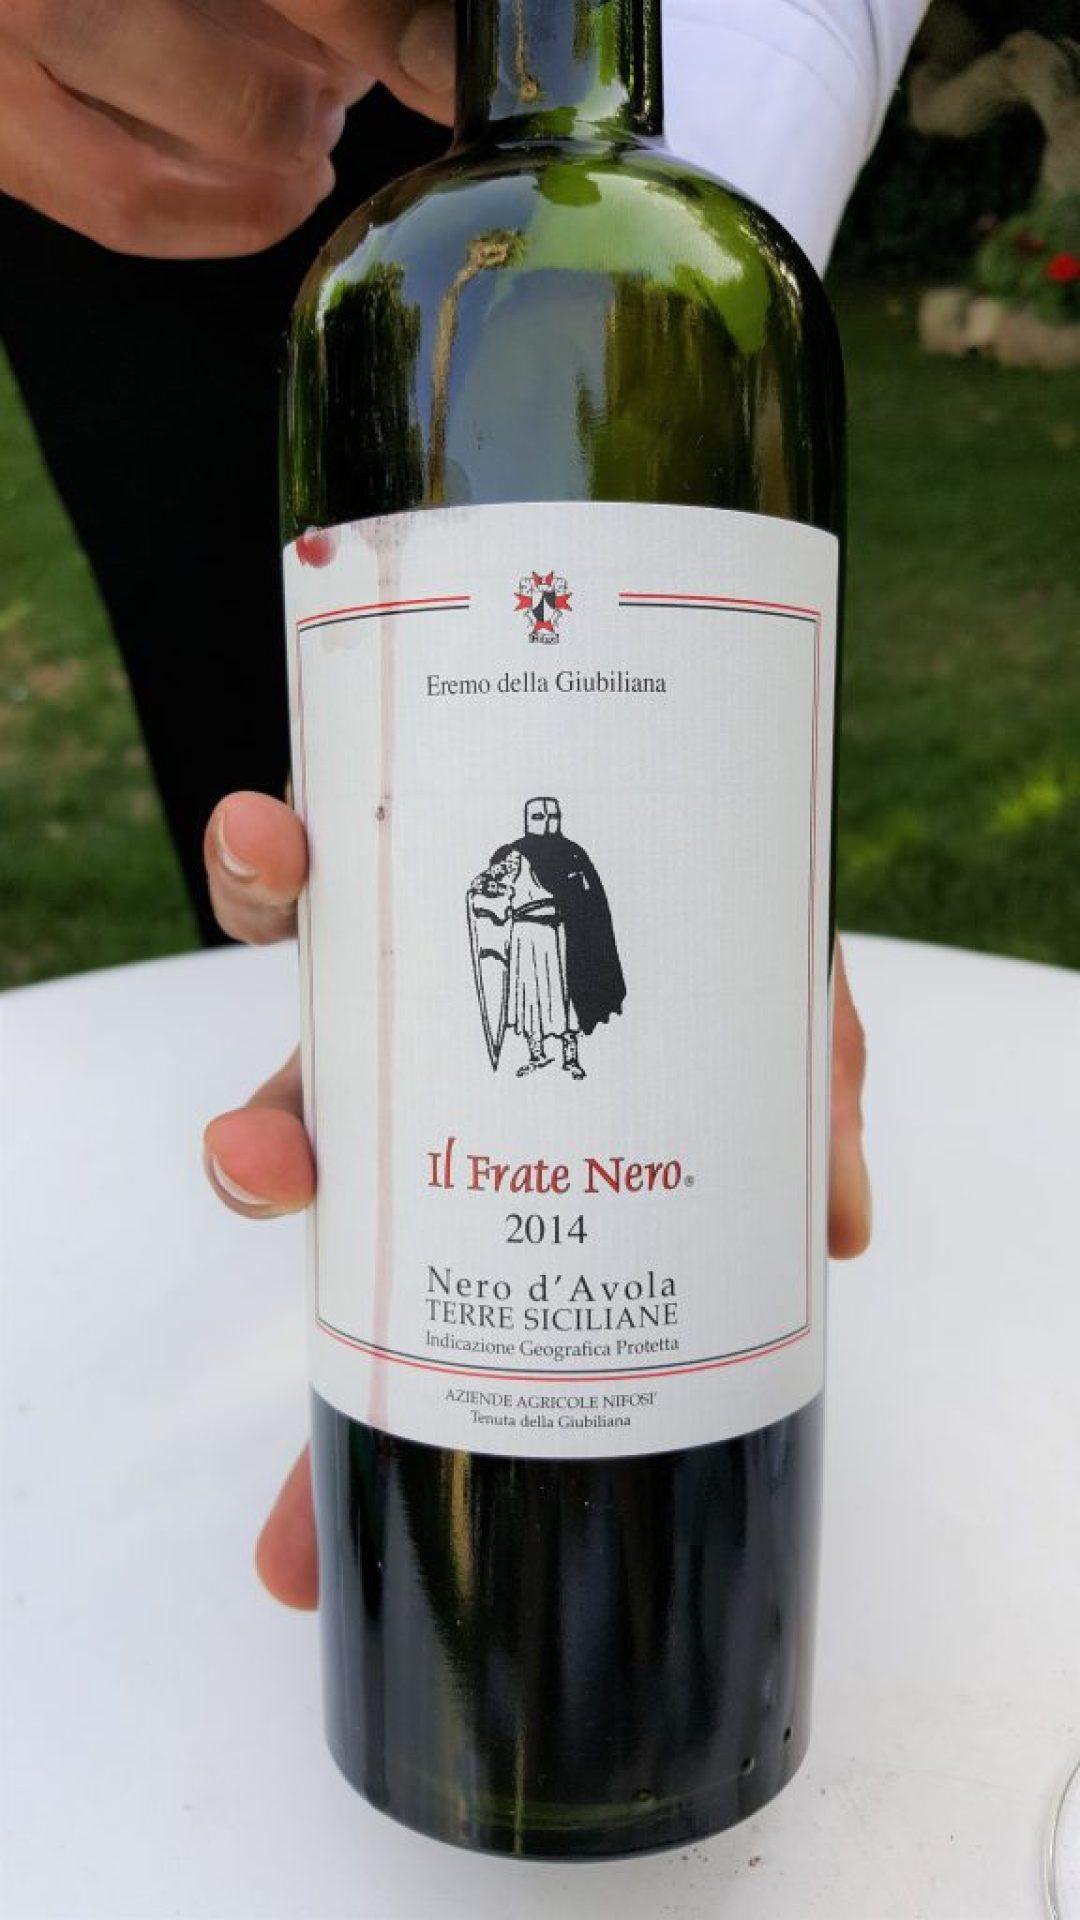 Restaurant Sicilie: Eremo della Giubiliana in Ragusa wijn